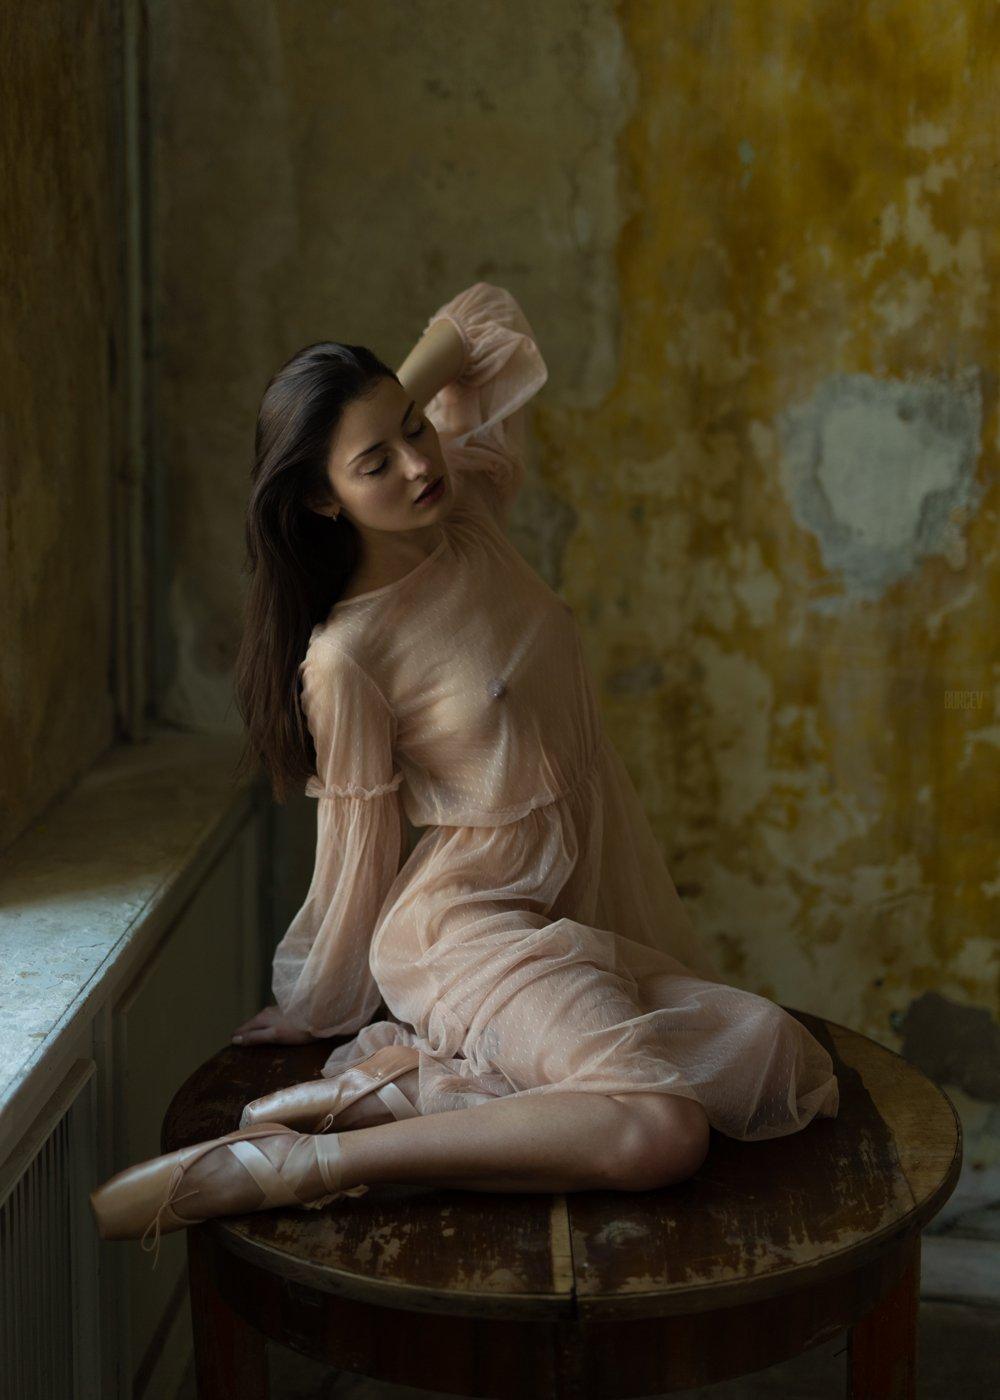 фотомодель, портрет, девушка, красивая, взгляд, woman, beautifull, portrait, canon6d, Алексей Бурцев